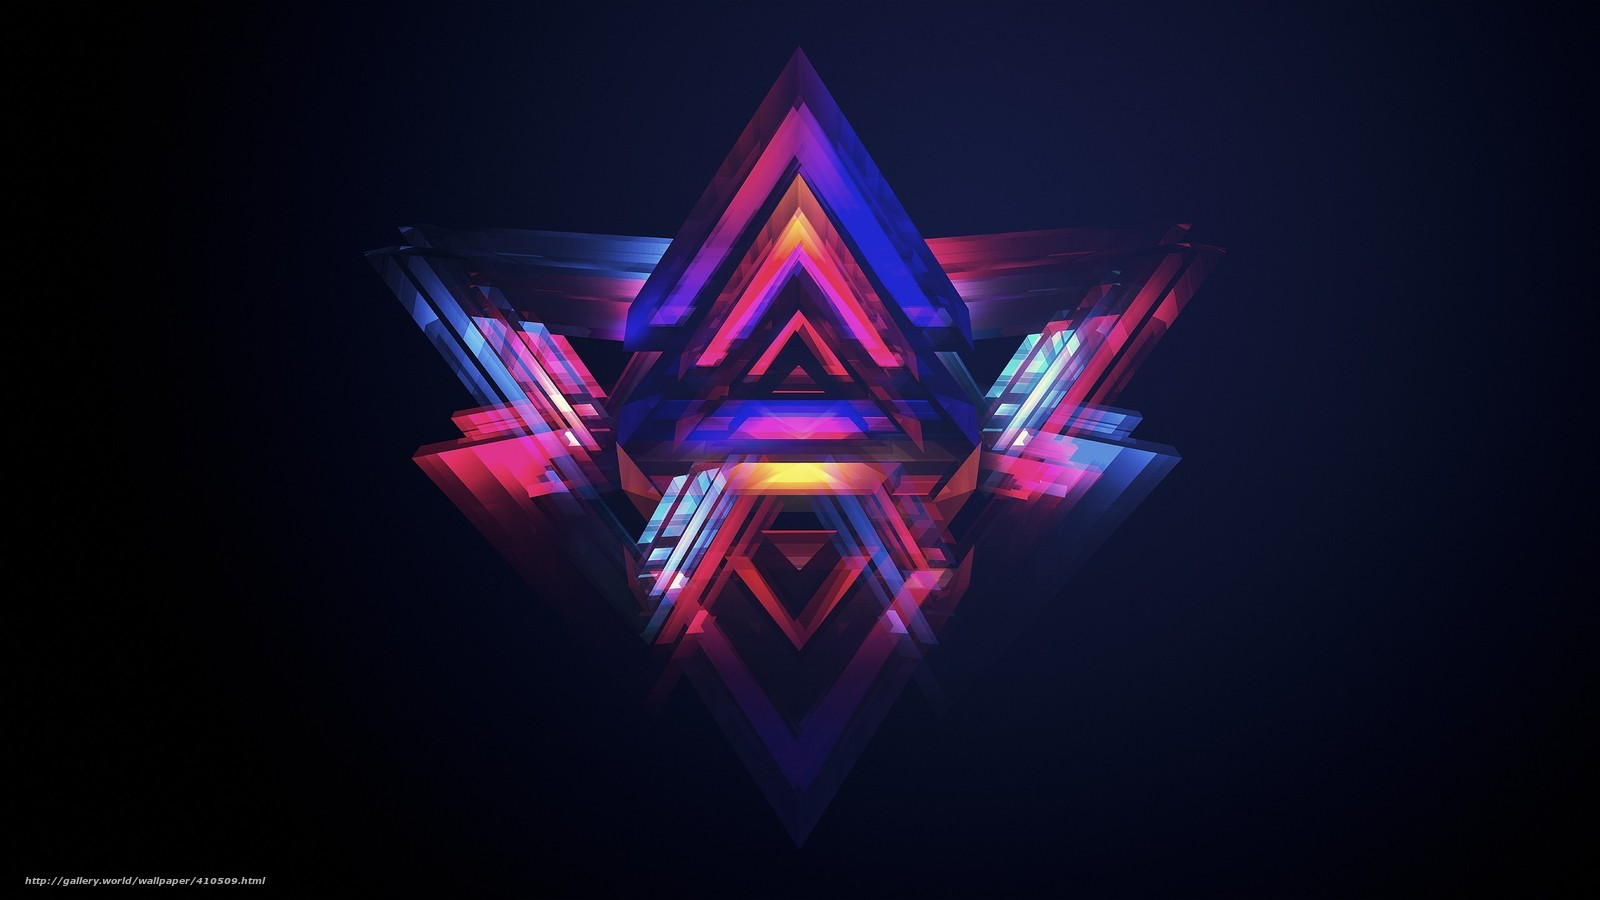 Abstraktion, kreativitt, triangles